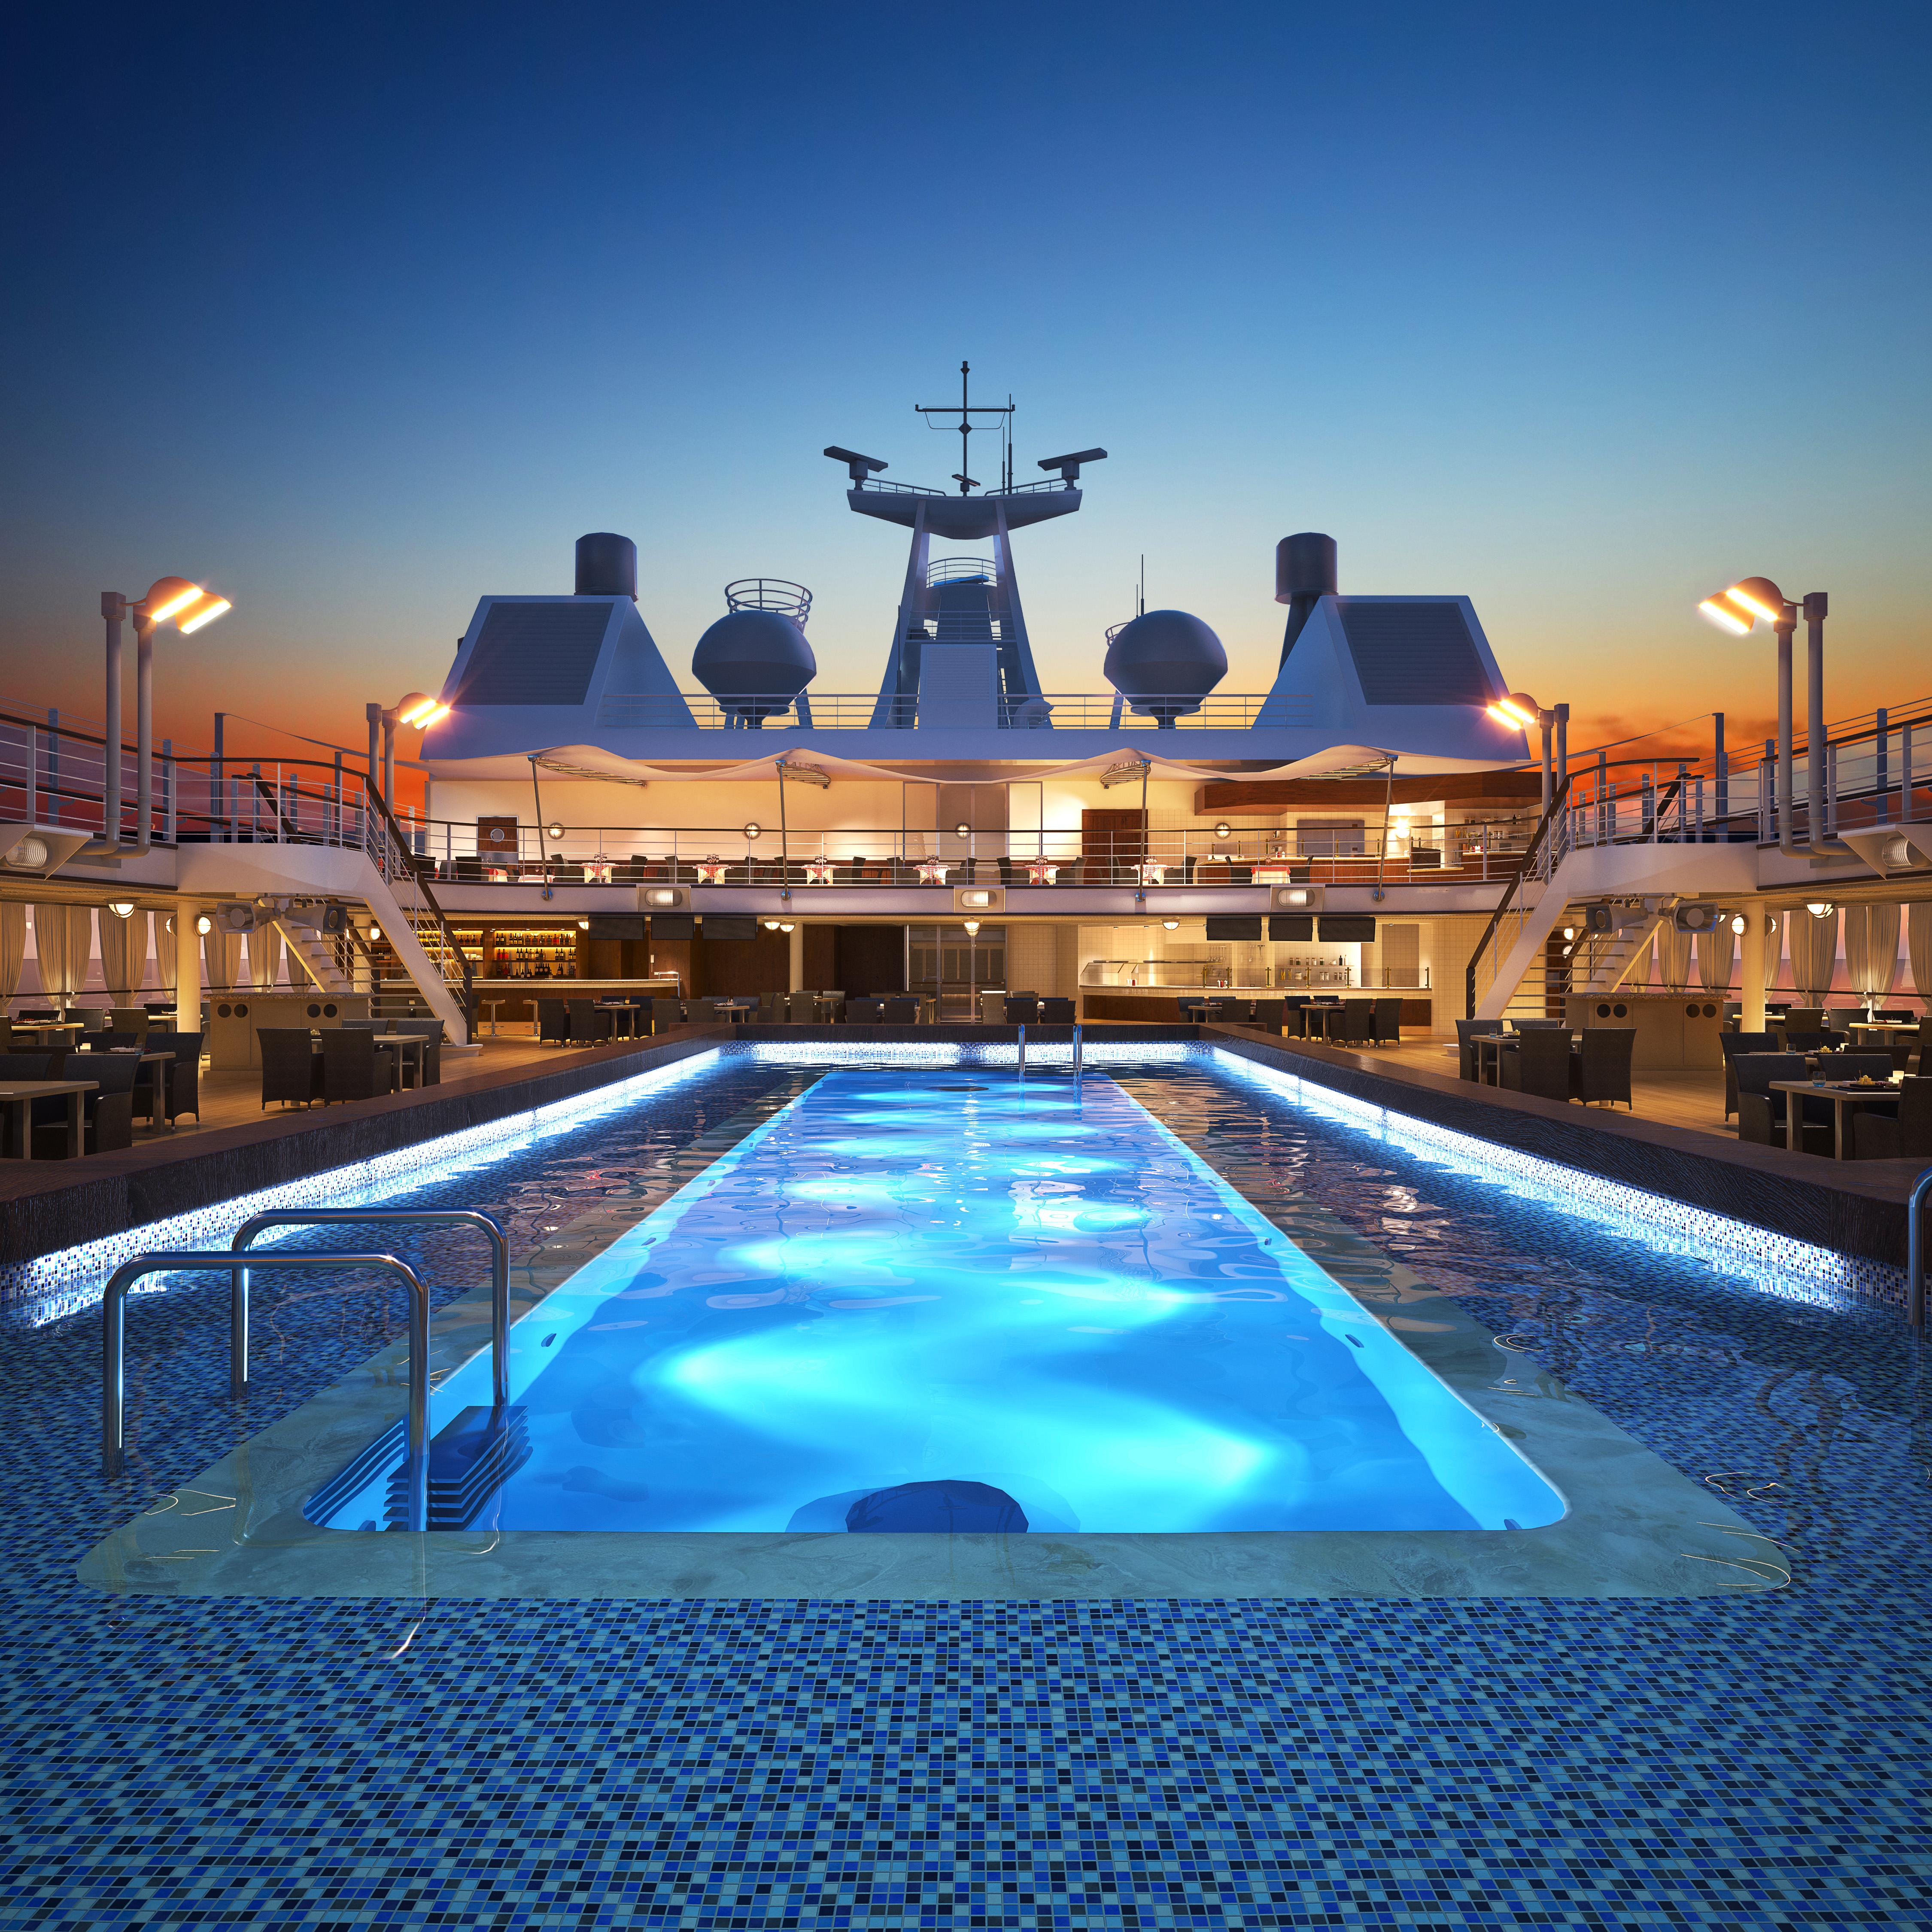 silversea pool auf dem deck